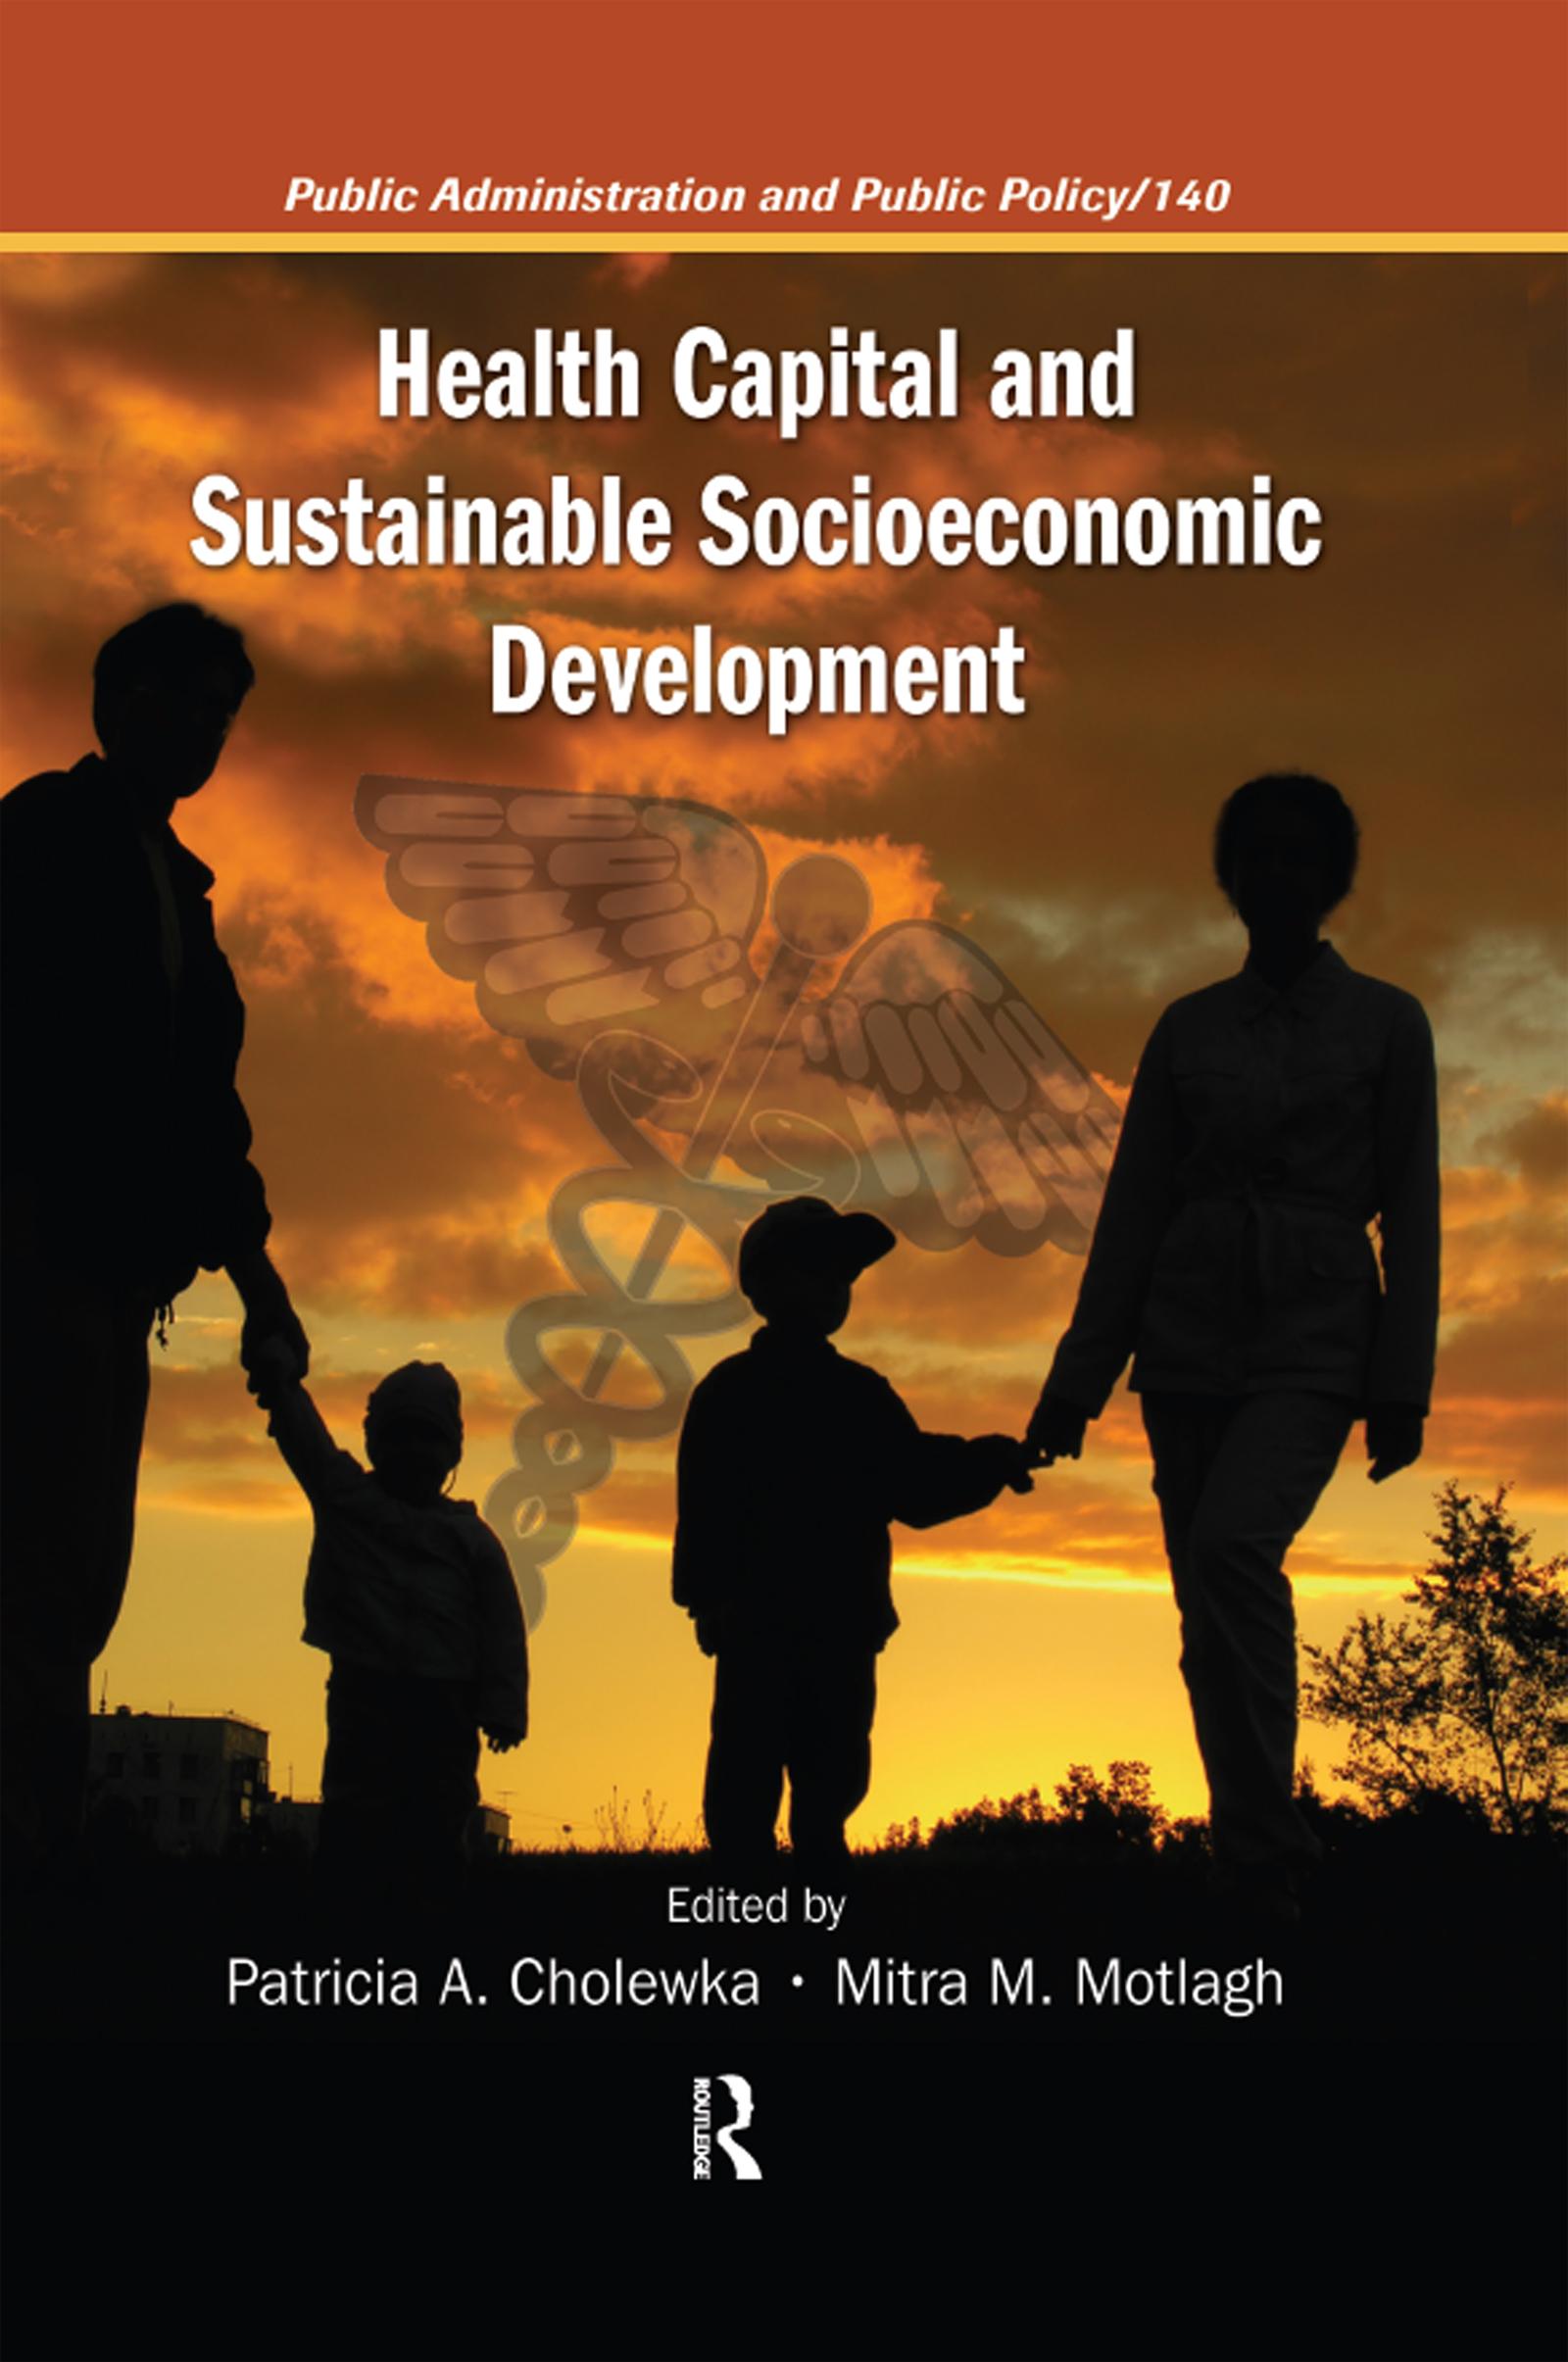 Health Capital and Sustainable Socioeconomic Development